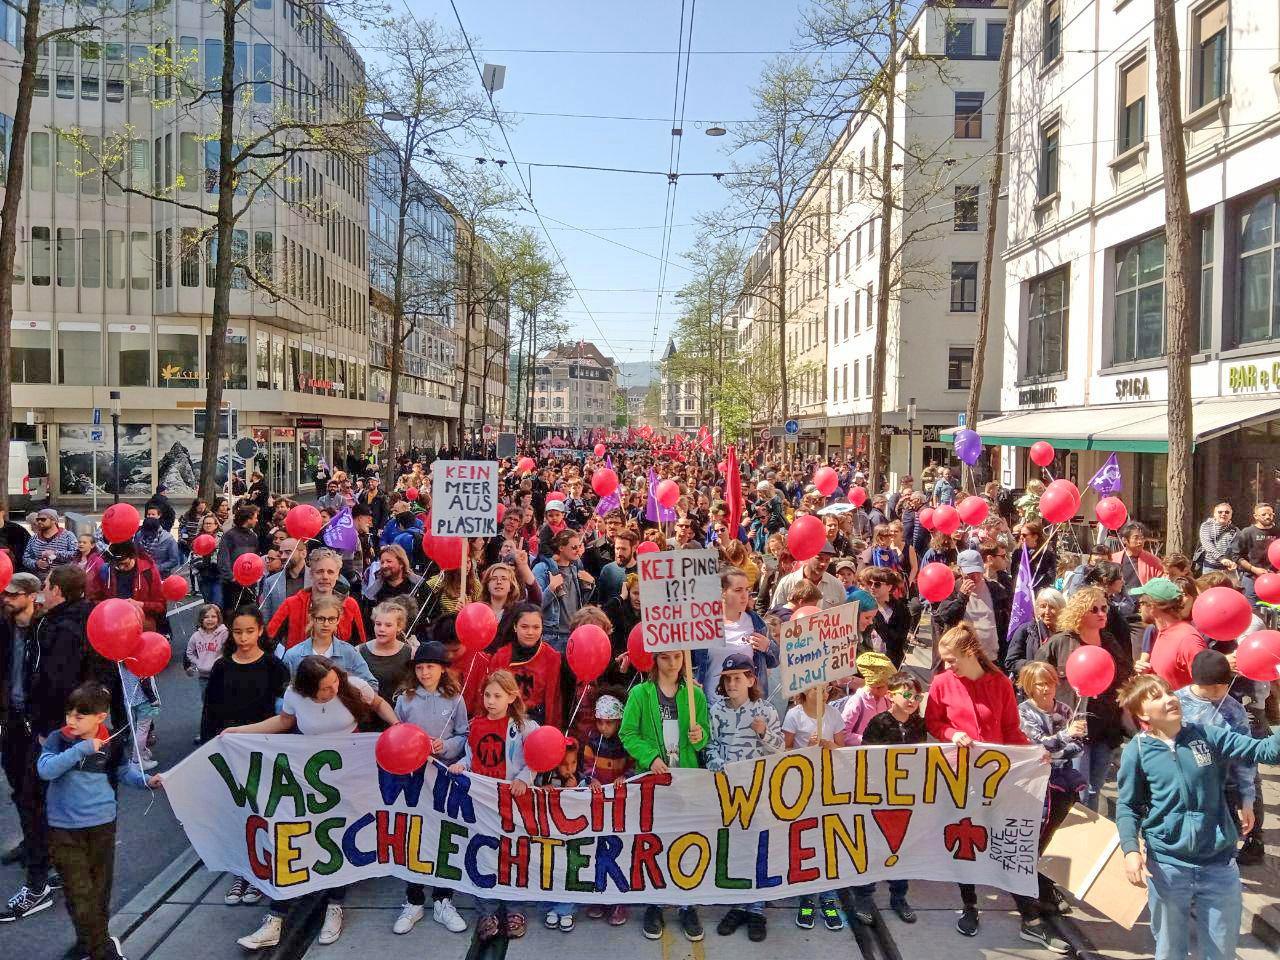 1. Mai: Was wir nicht wollen: Geschlechterrollen!